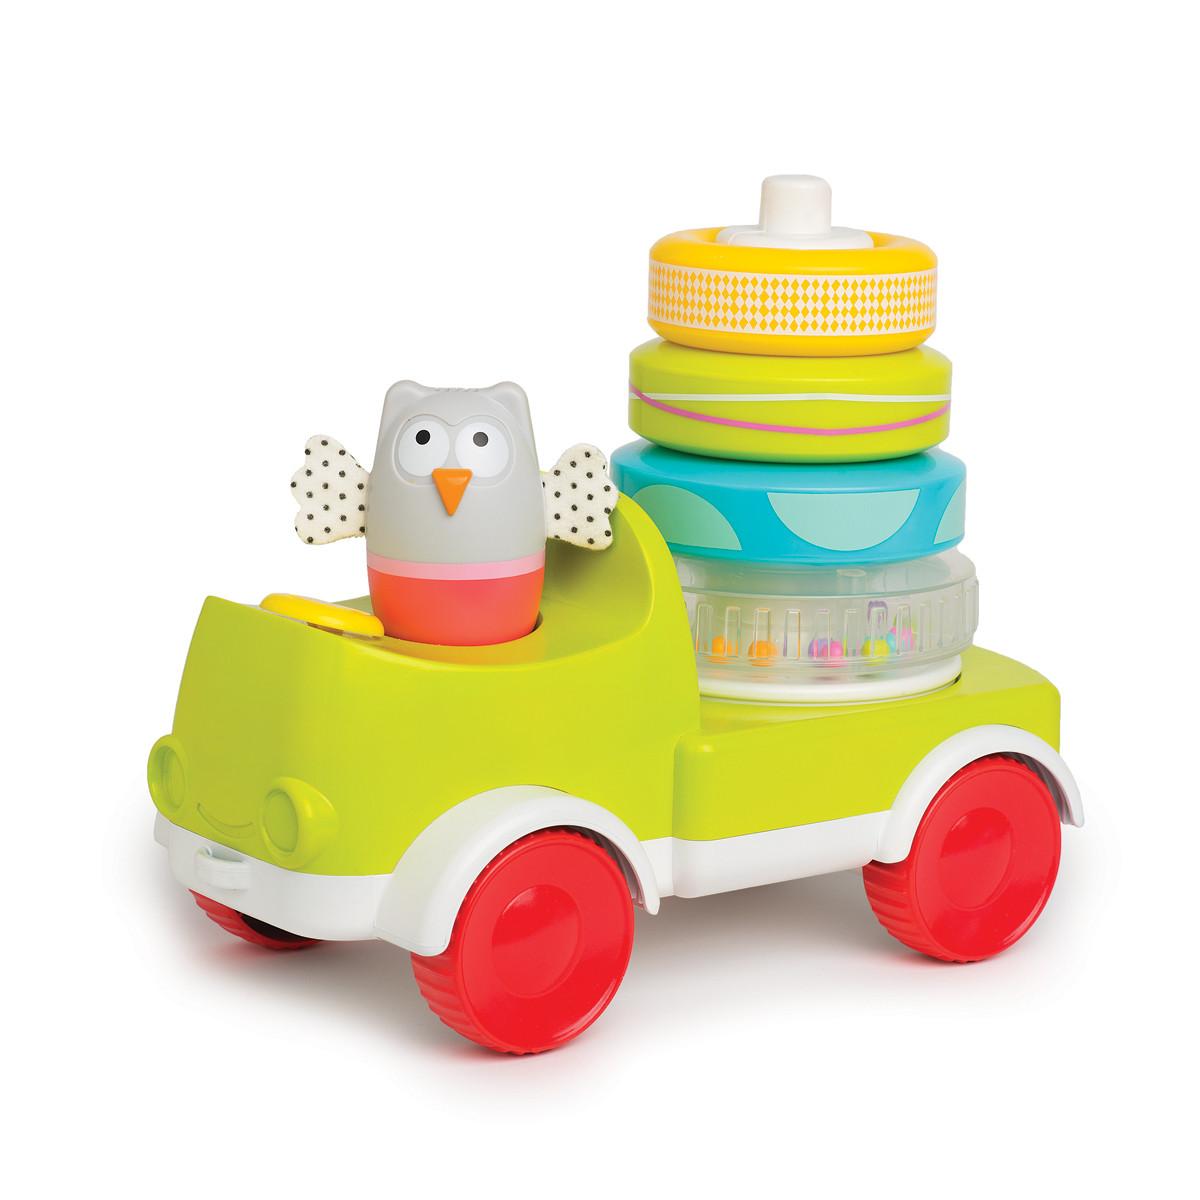 Развивающая Машинка С Пирамидкой – Совушка-Малышка: Два В Одном